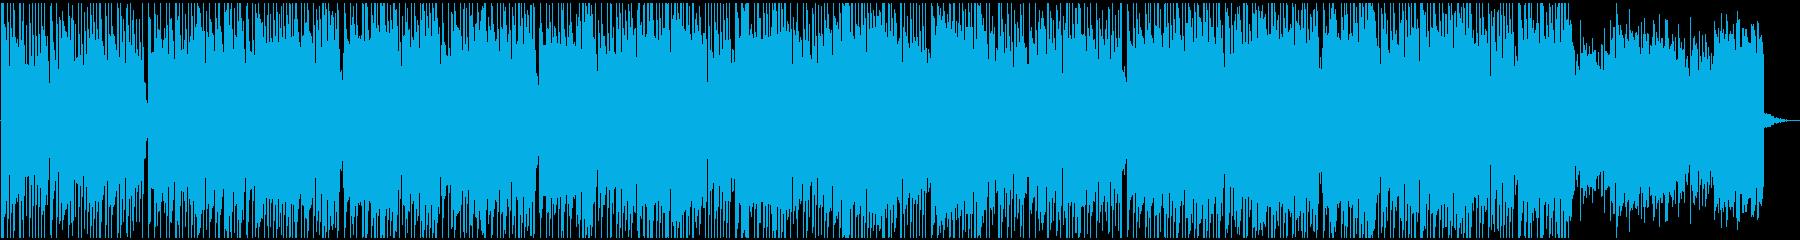 ほのぼの・日常・インディーポップBGMの再生済みの波形